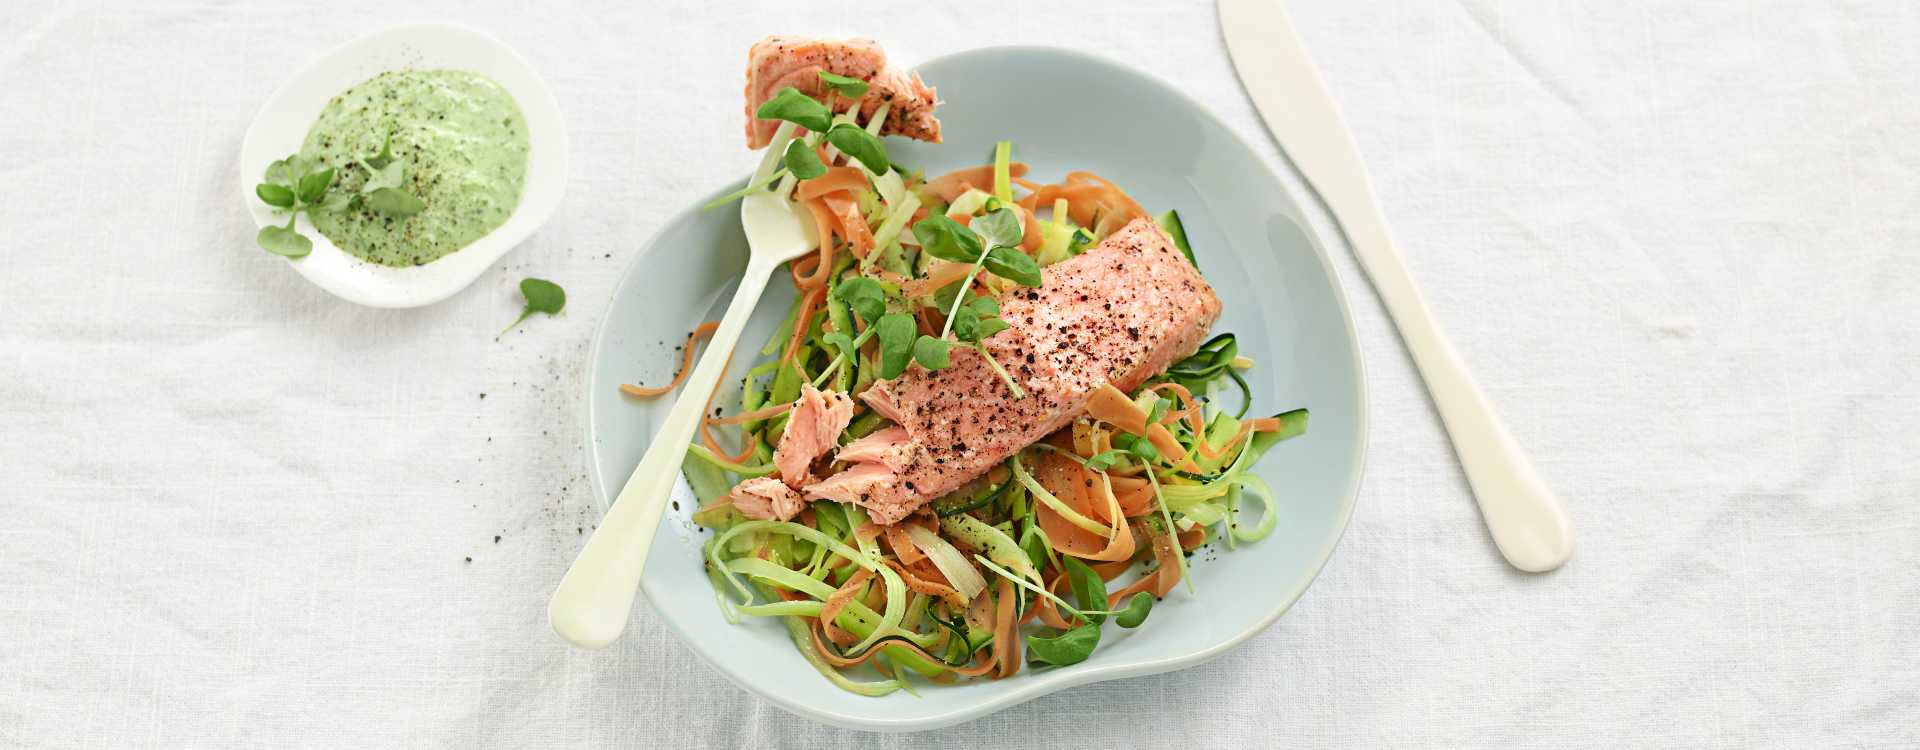 Ovnsbakt laks med grønnsaksspaghetti og spinatrømme med lime